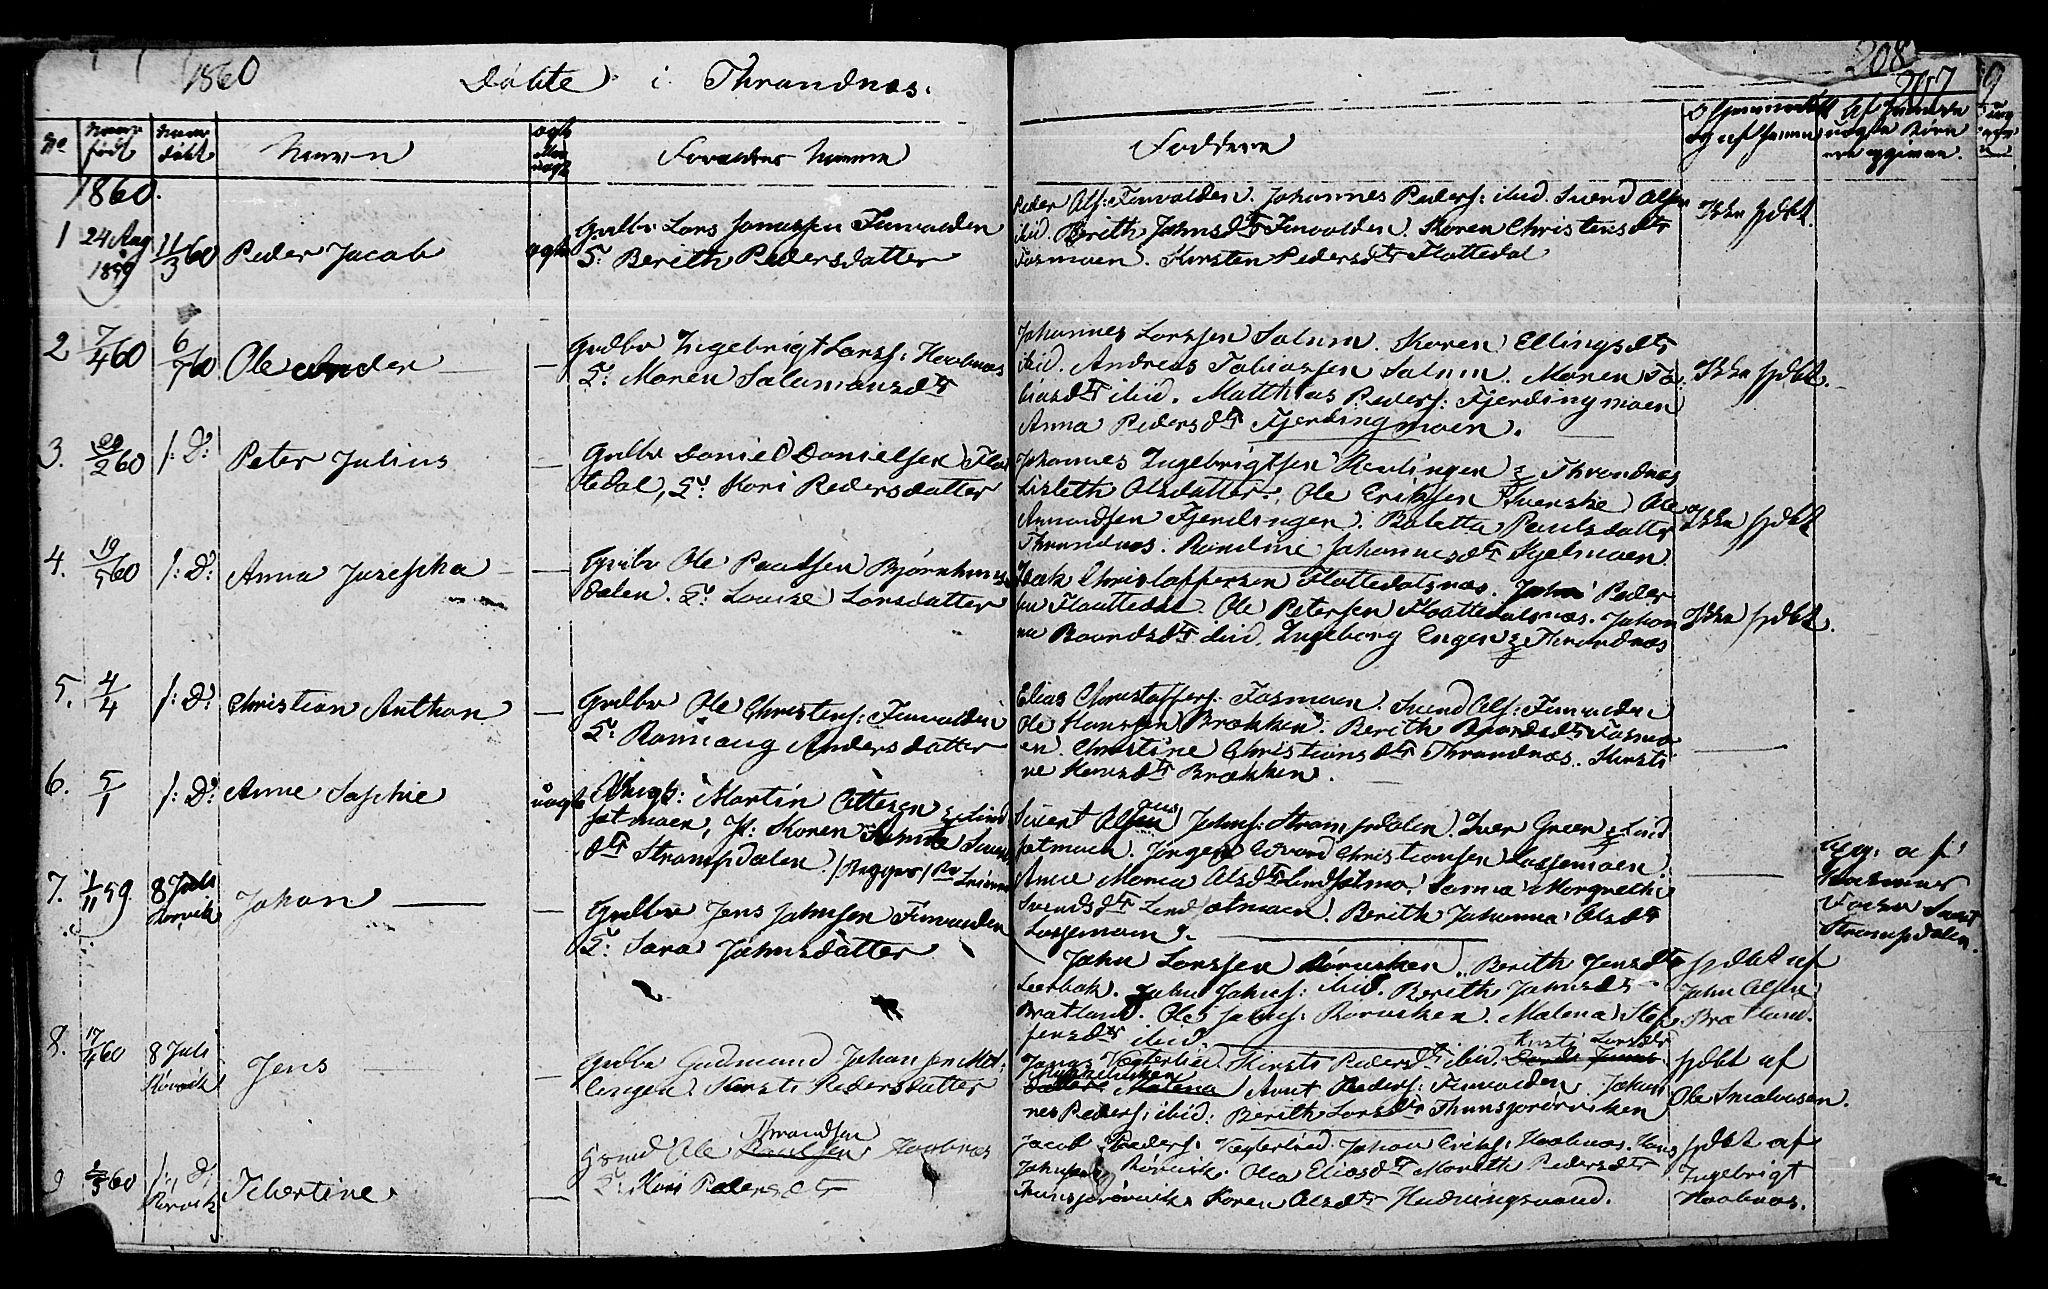 SAT, Ministerialprotokoller, klokkerbøker og fødselsregistre - Nord-Trøndelag, 762/L0538: Ministerialbok nr. 762A02 /2, 1833-1879, s. 207